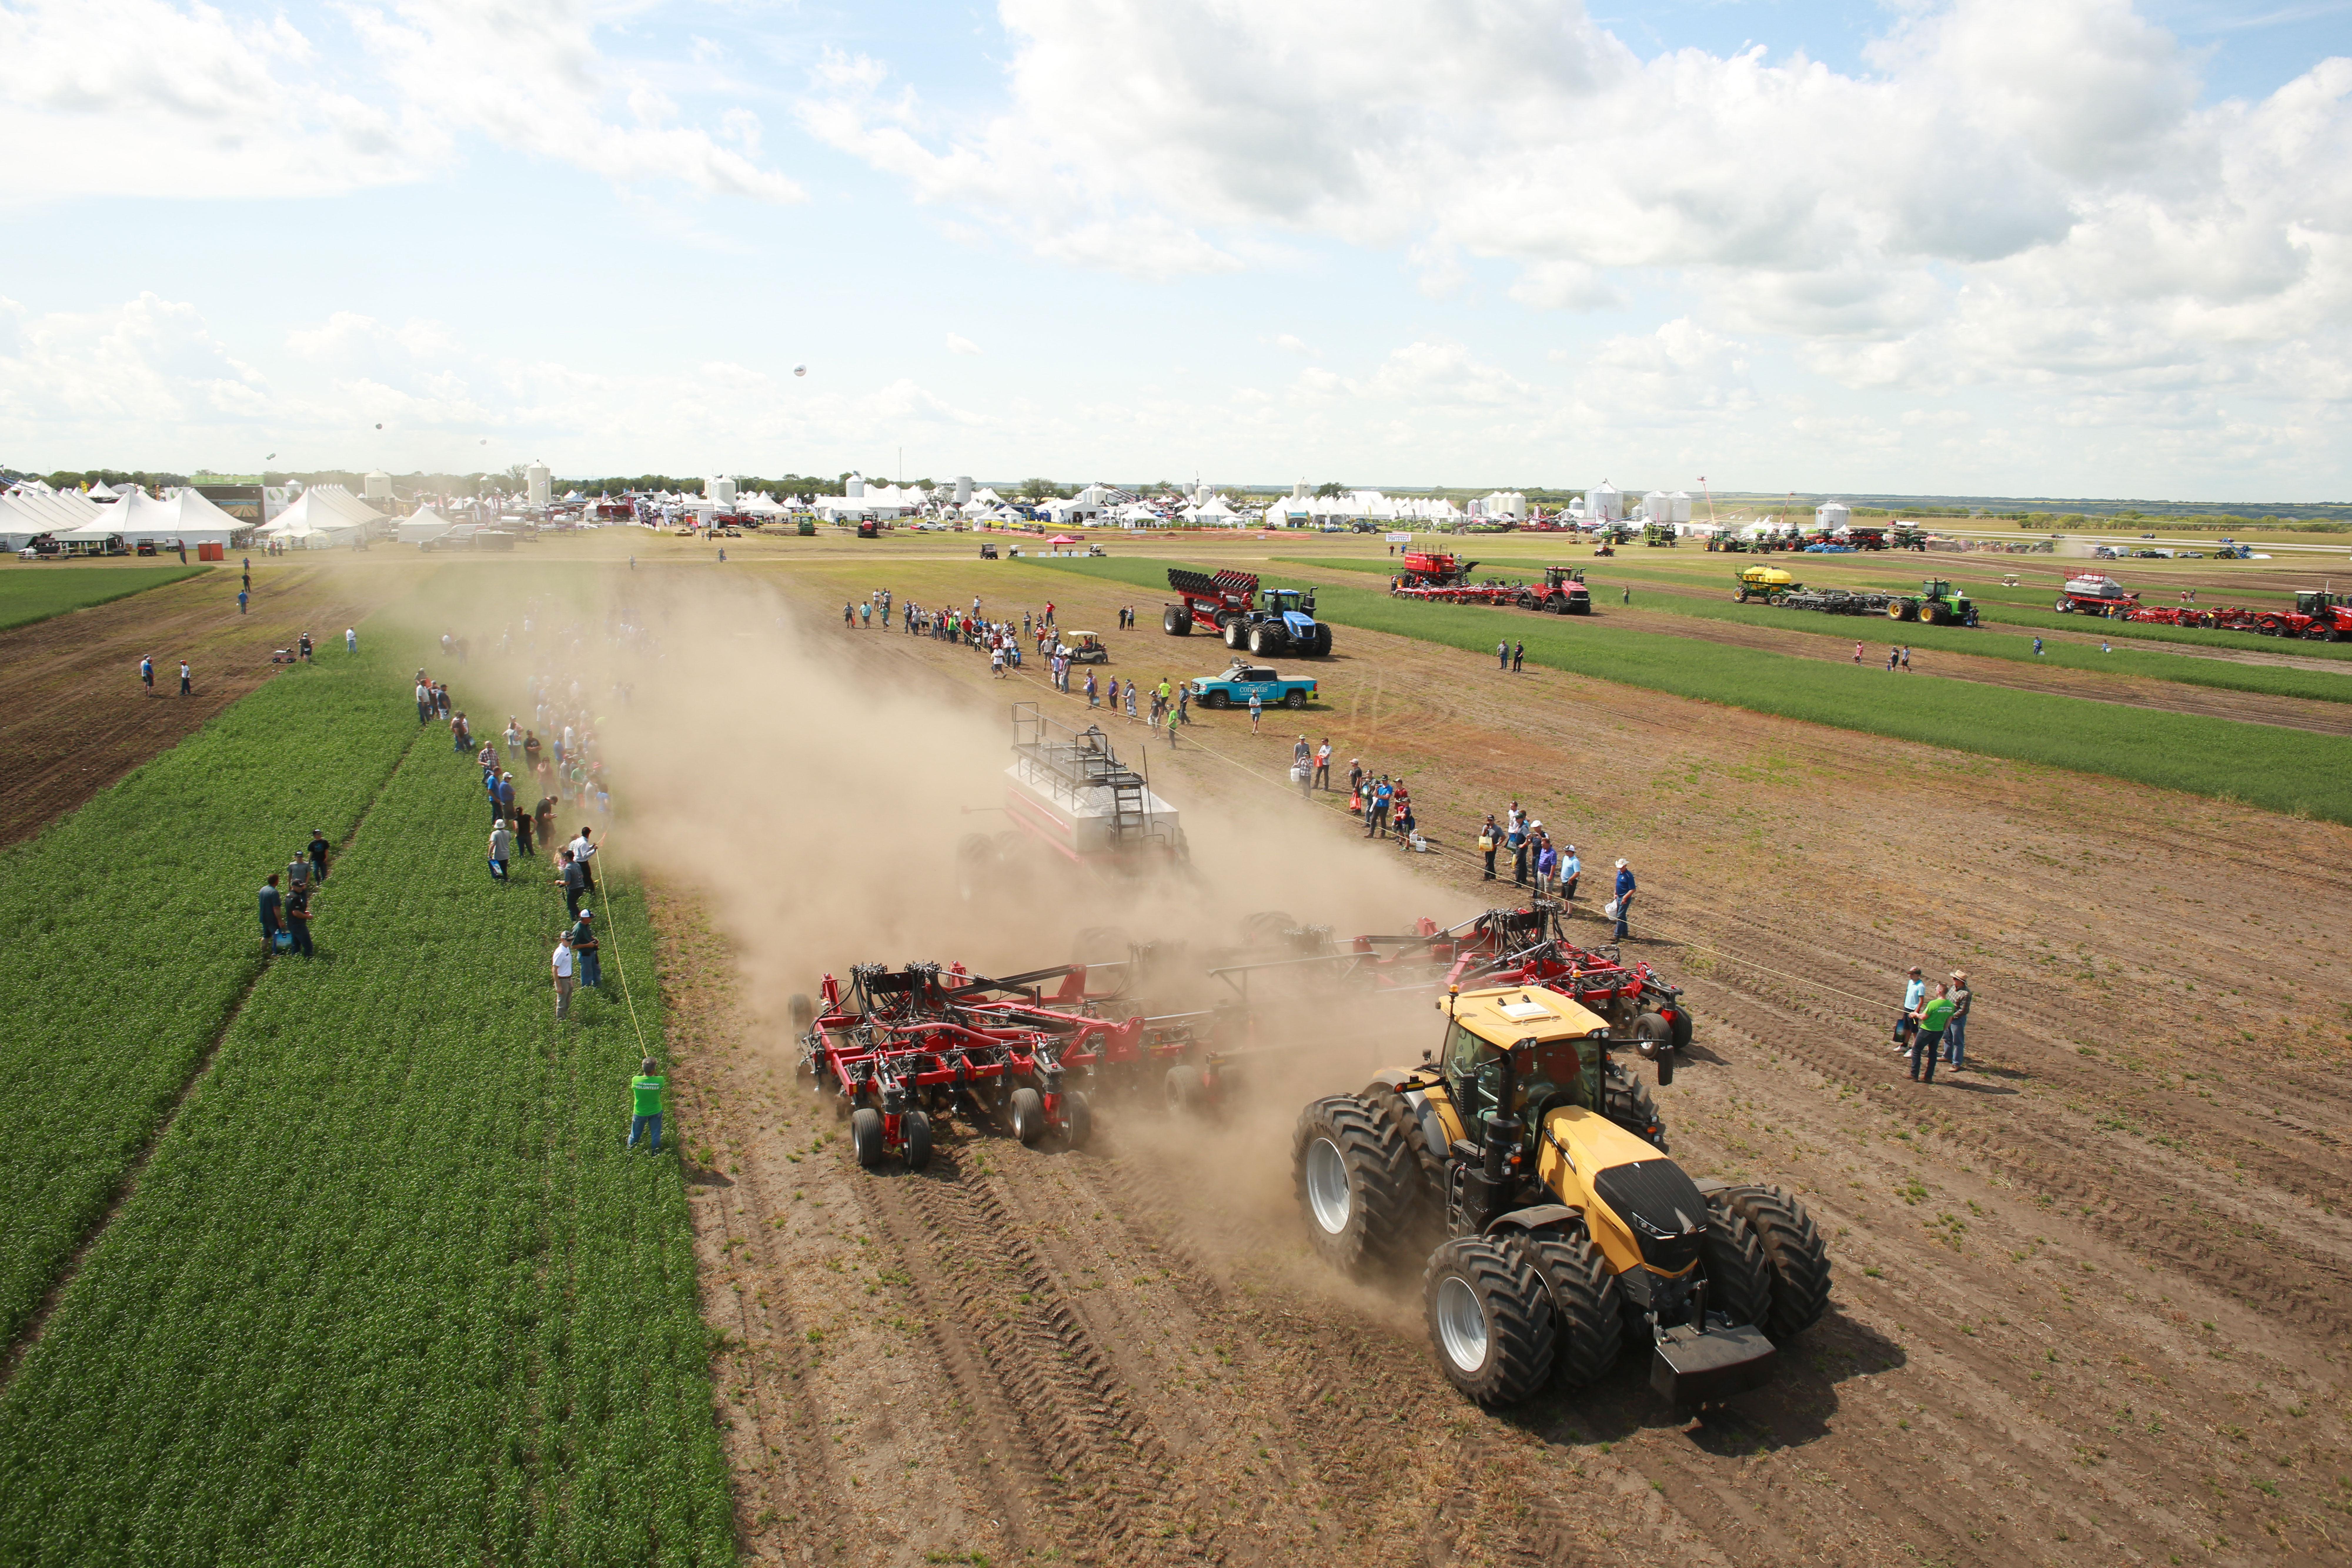 Ariel photo of tractors at farm show event